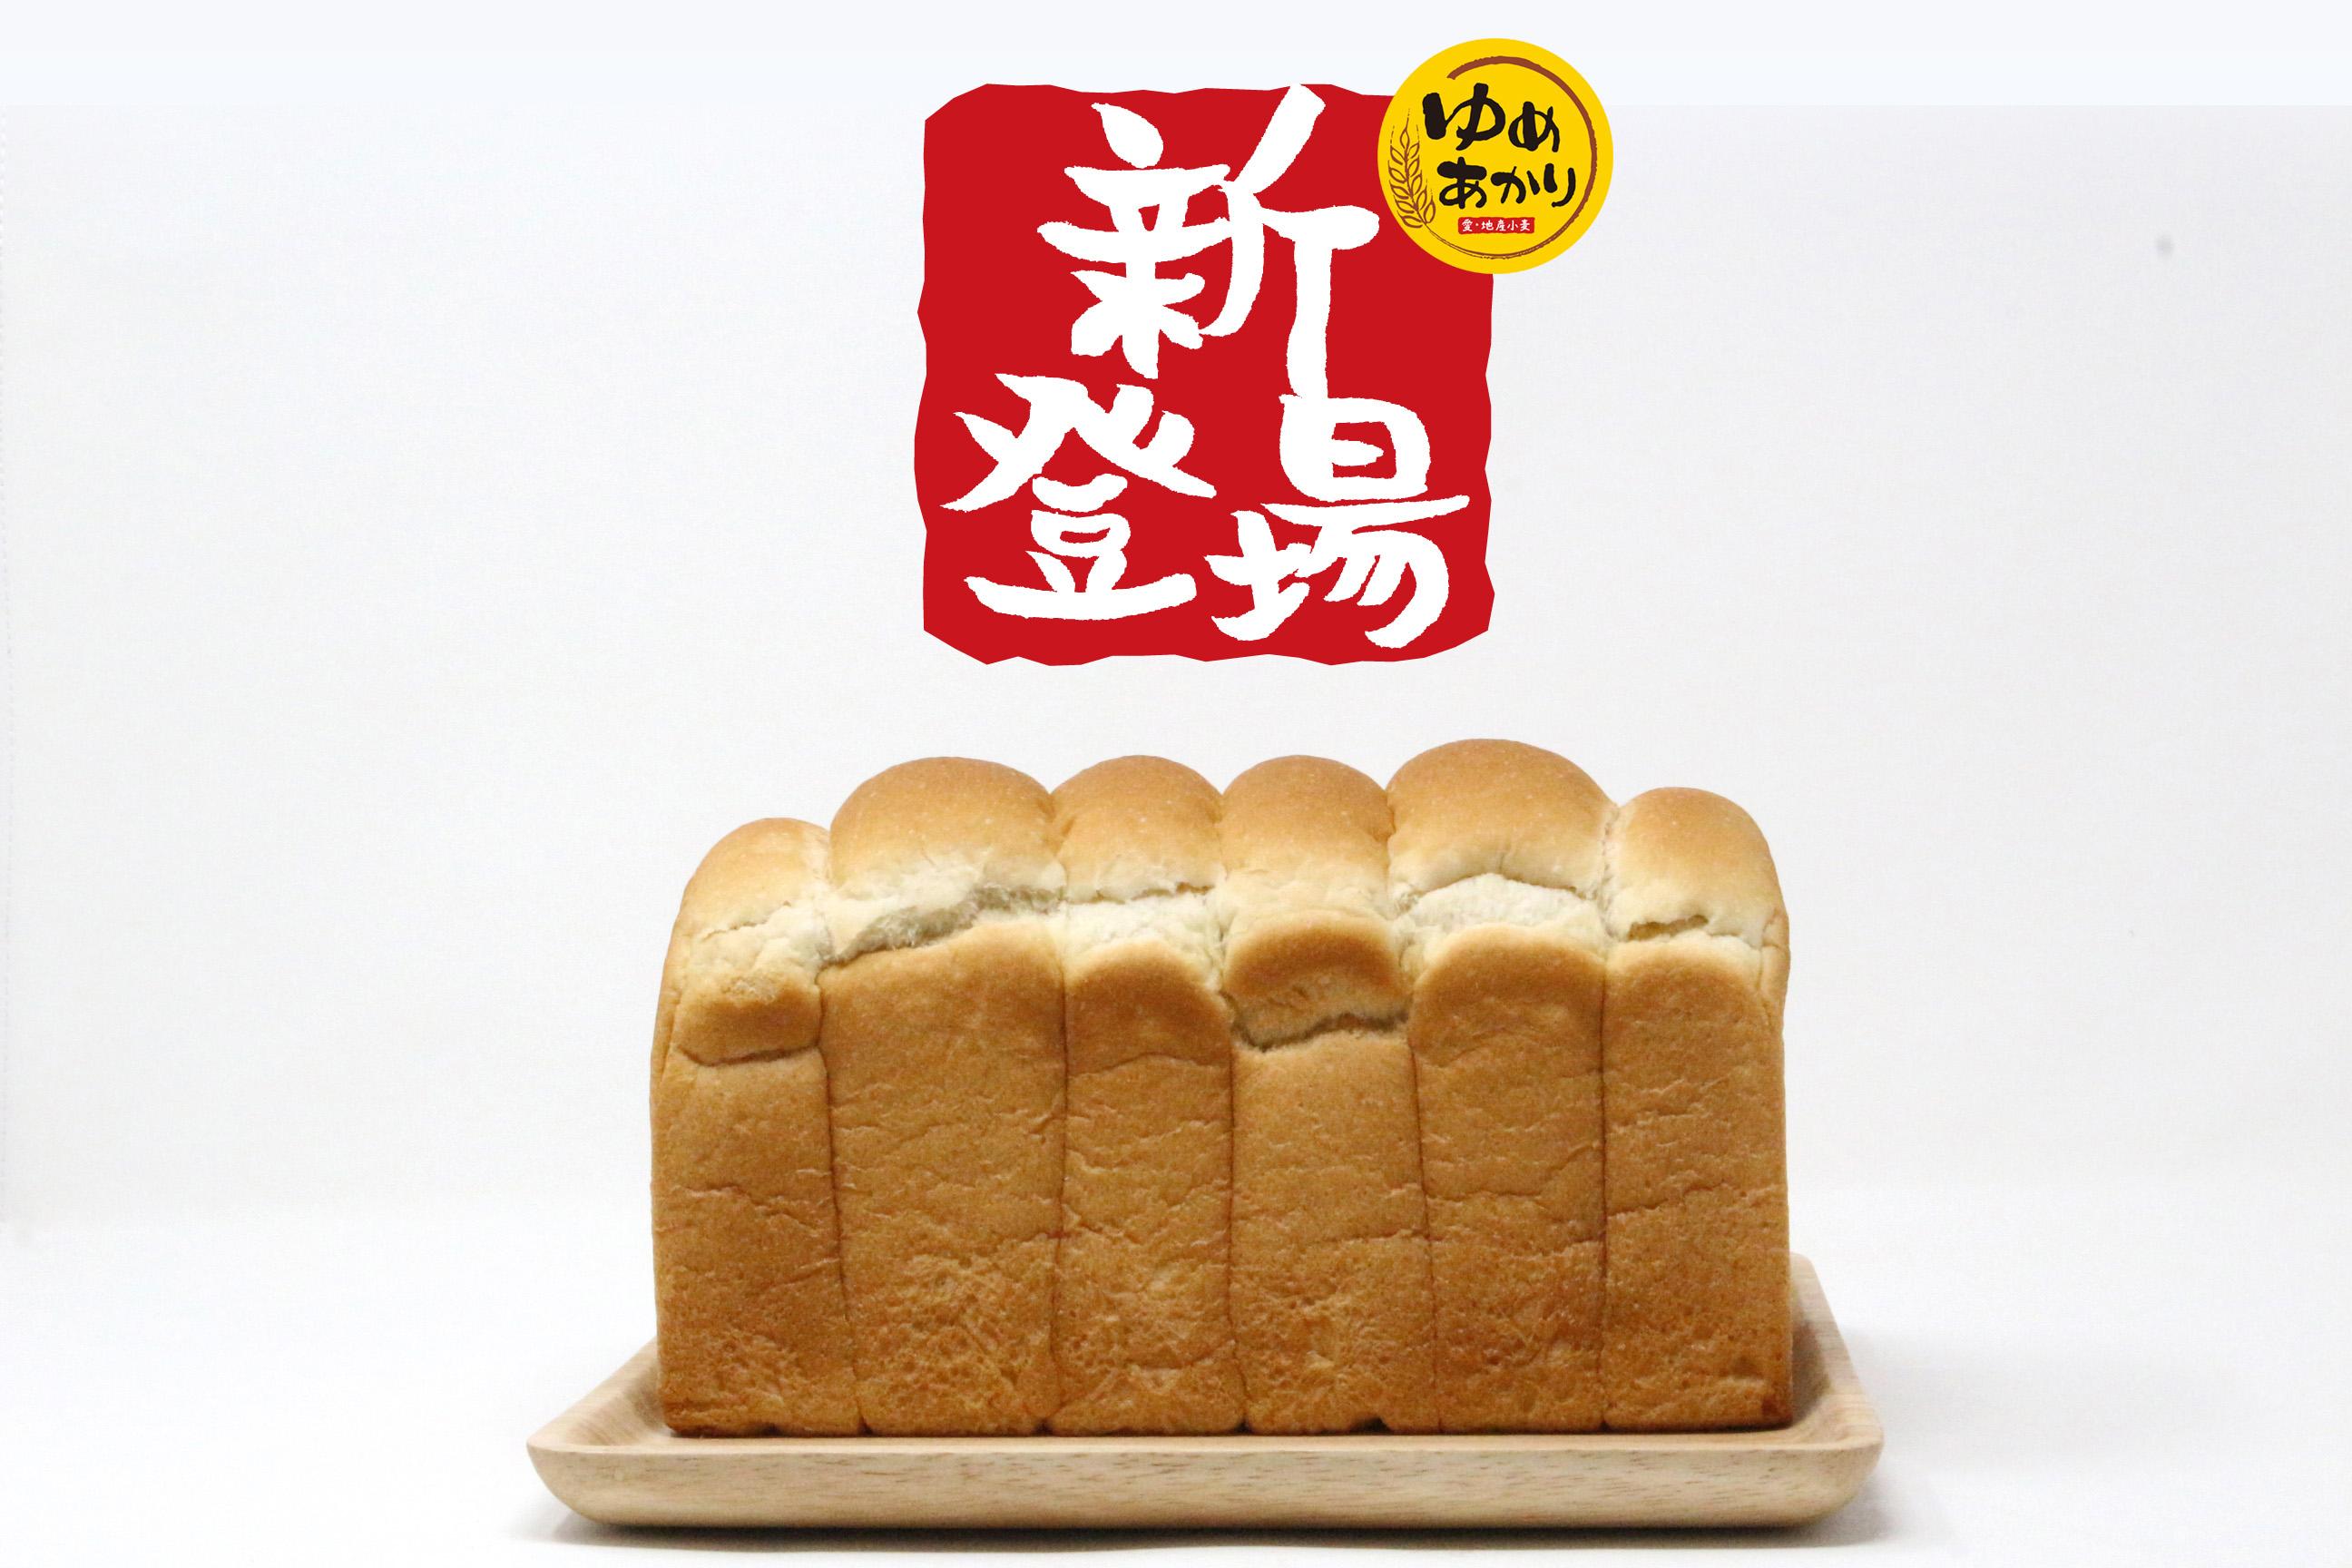 ゆめあかり食パン